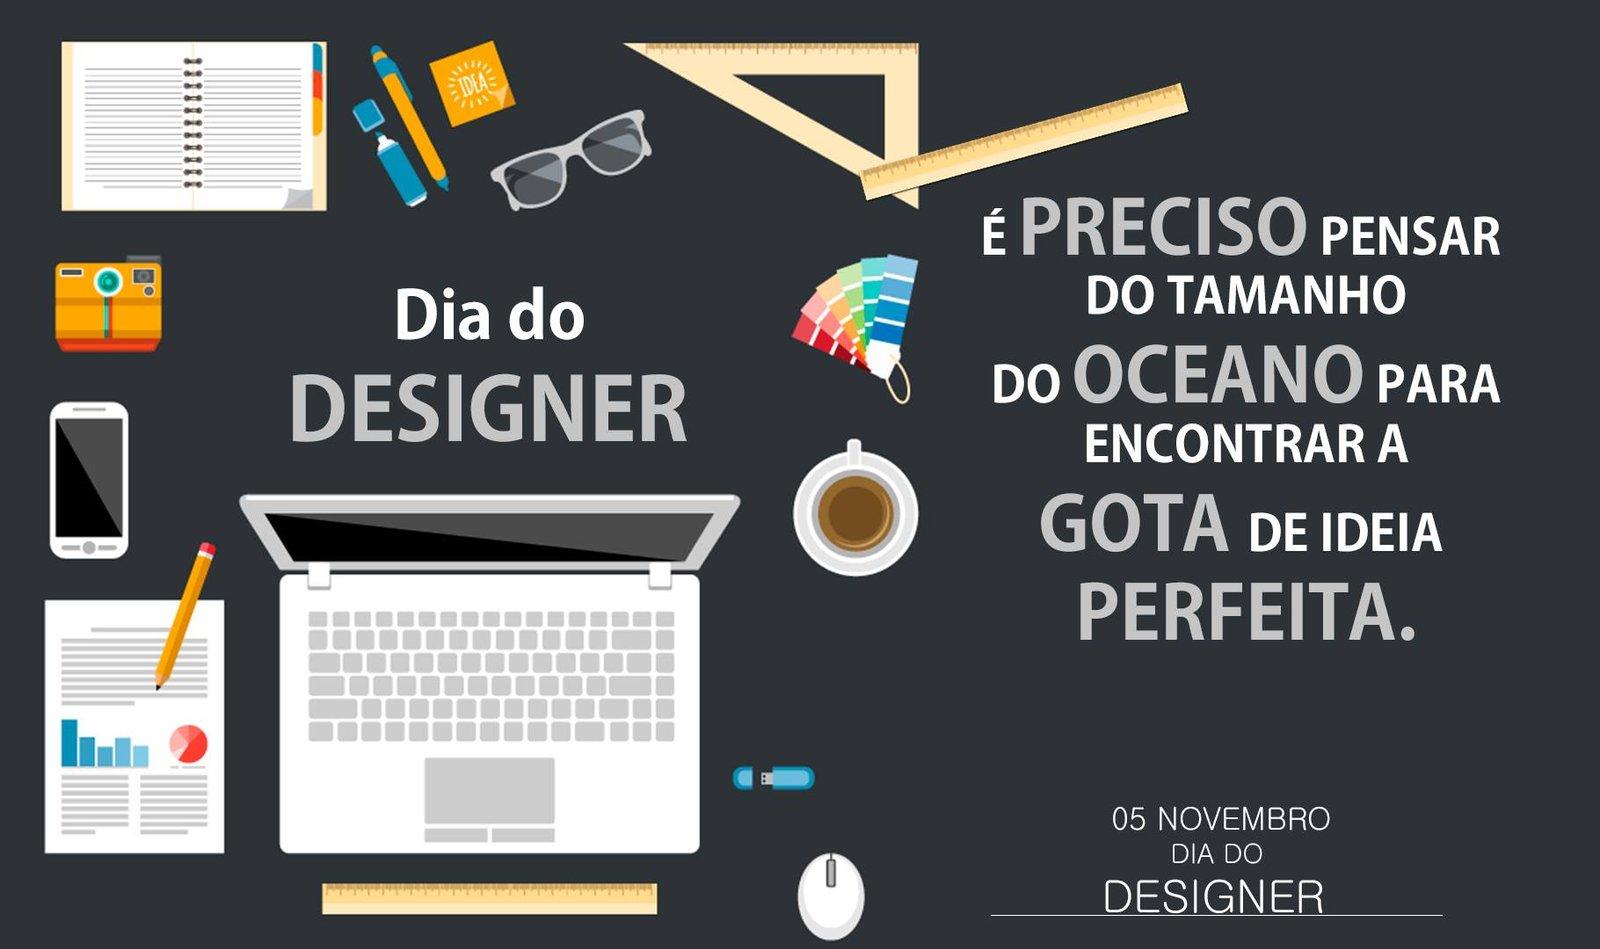 feliz dia do designer bons tutoriais (2)